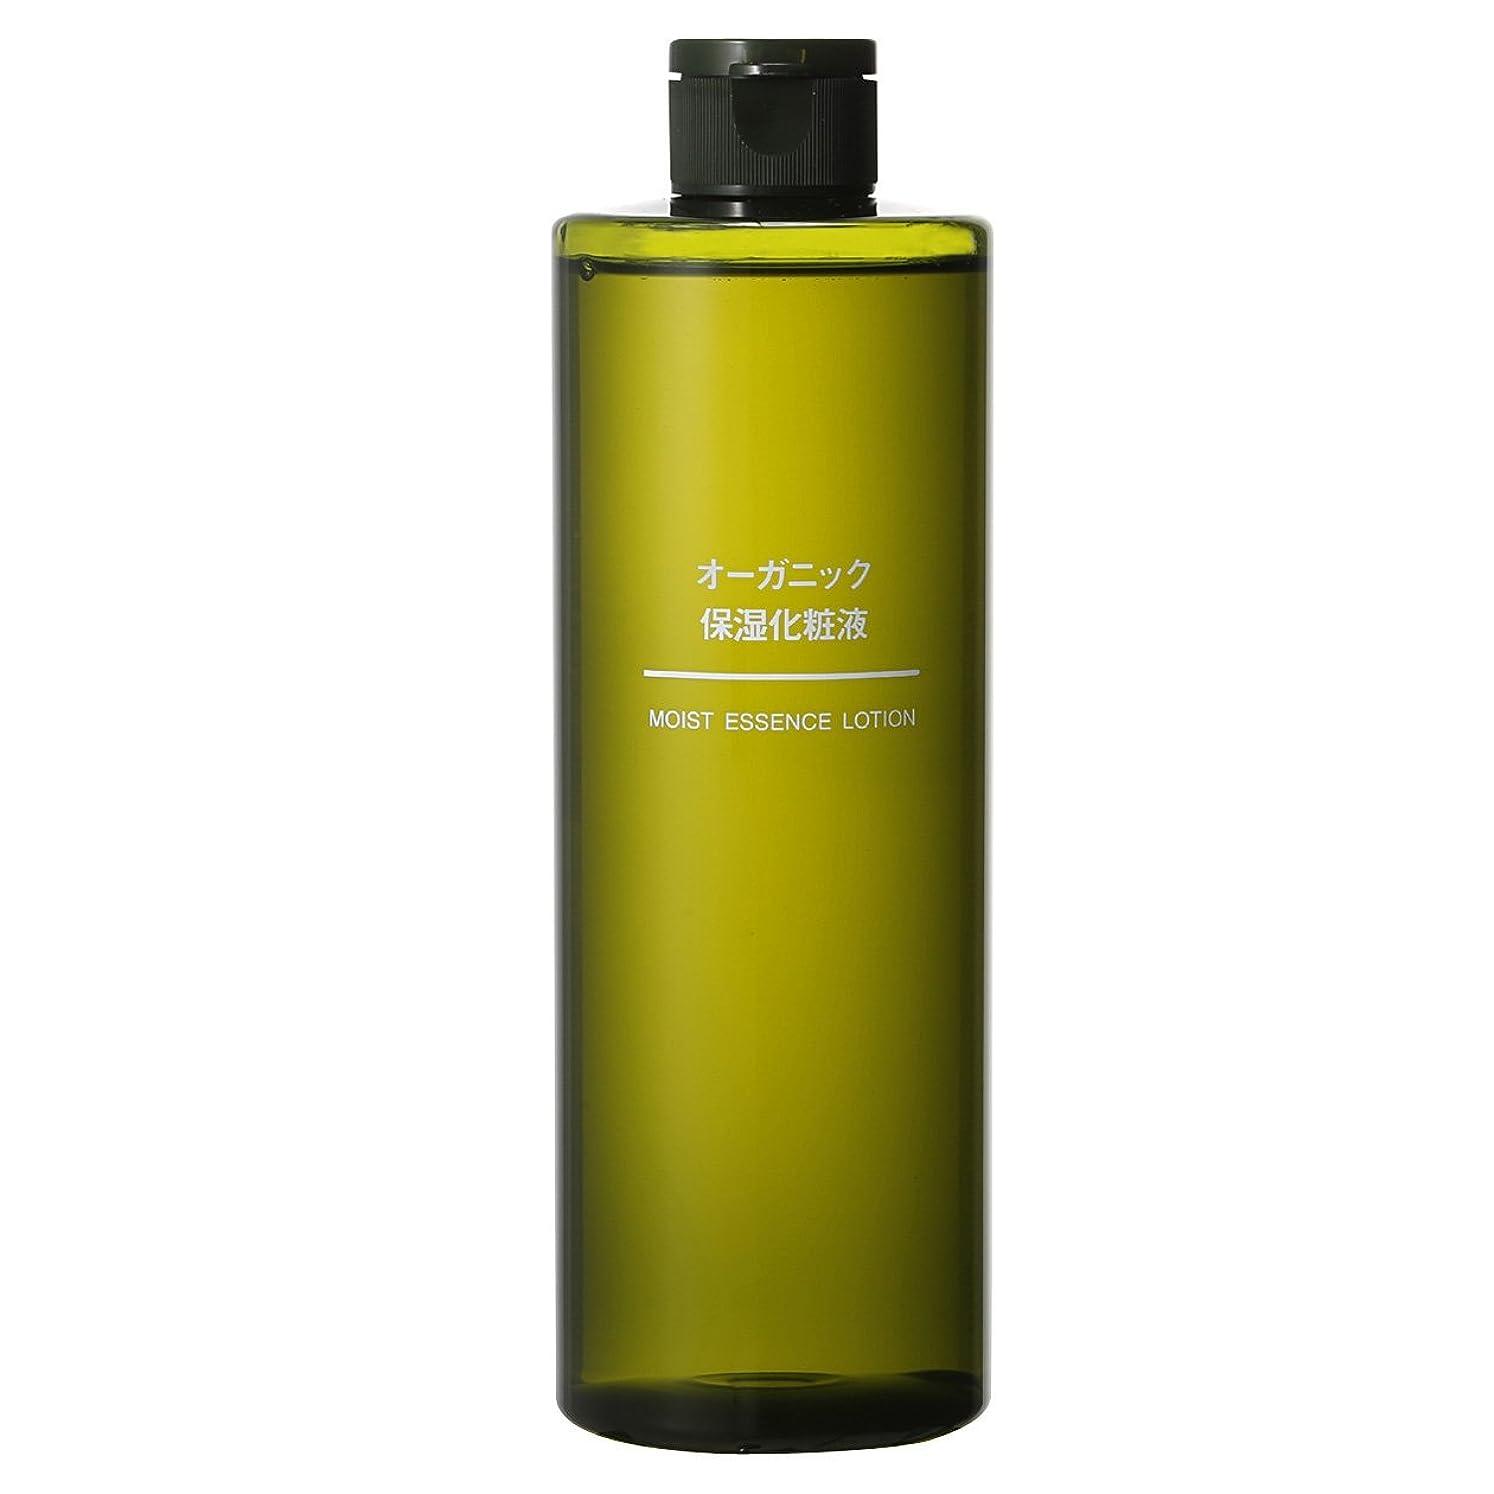 より平らなテクスチャー文句を言う無印良品 オーガニック保湿化粧液(大容量) 400ml